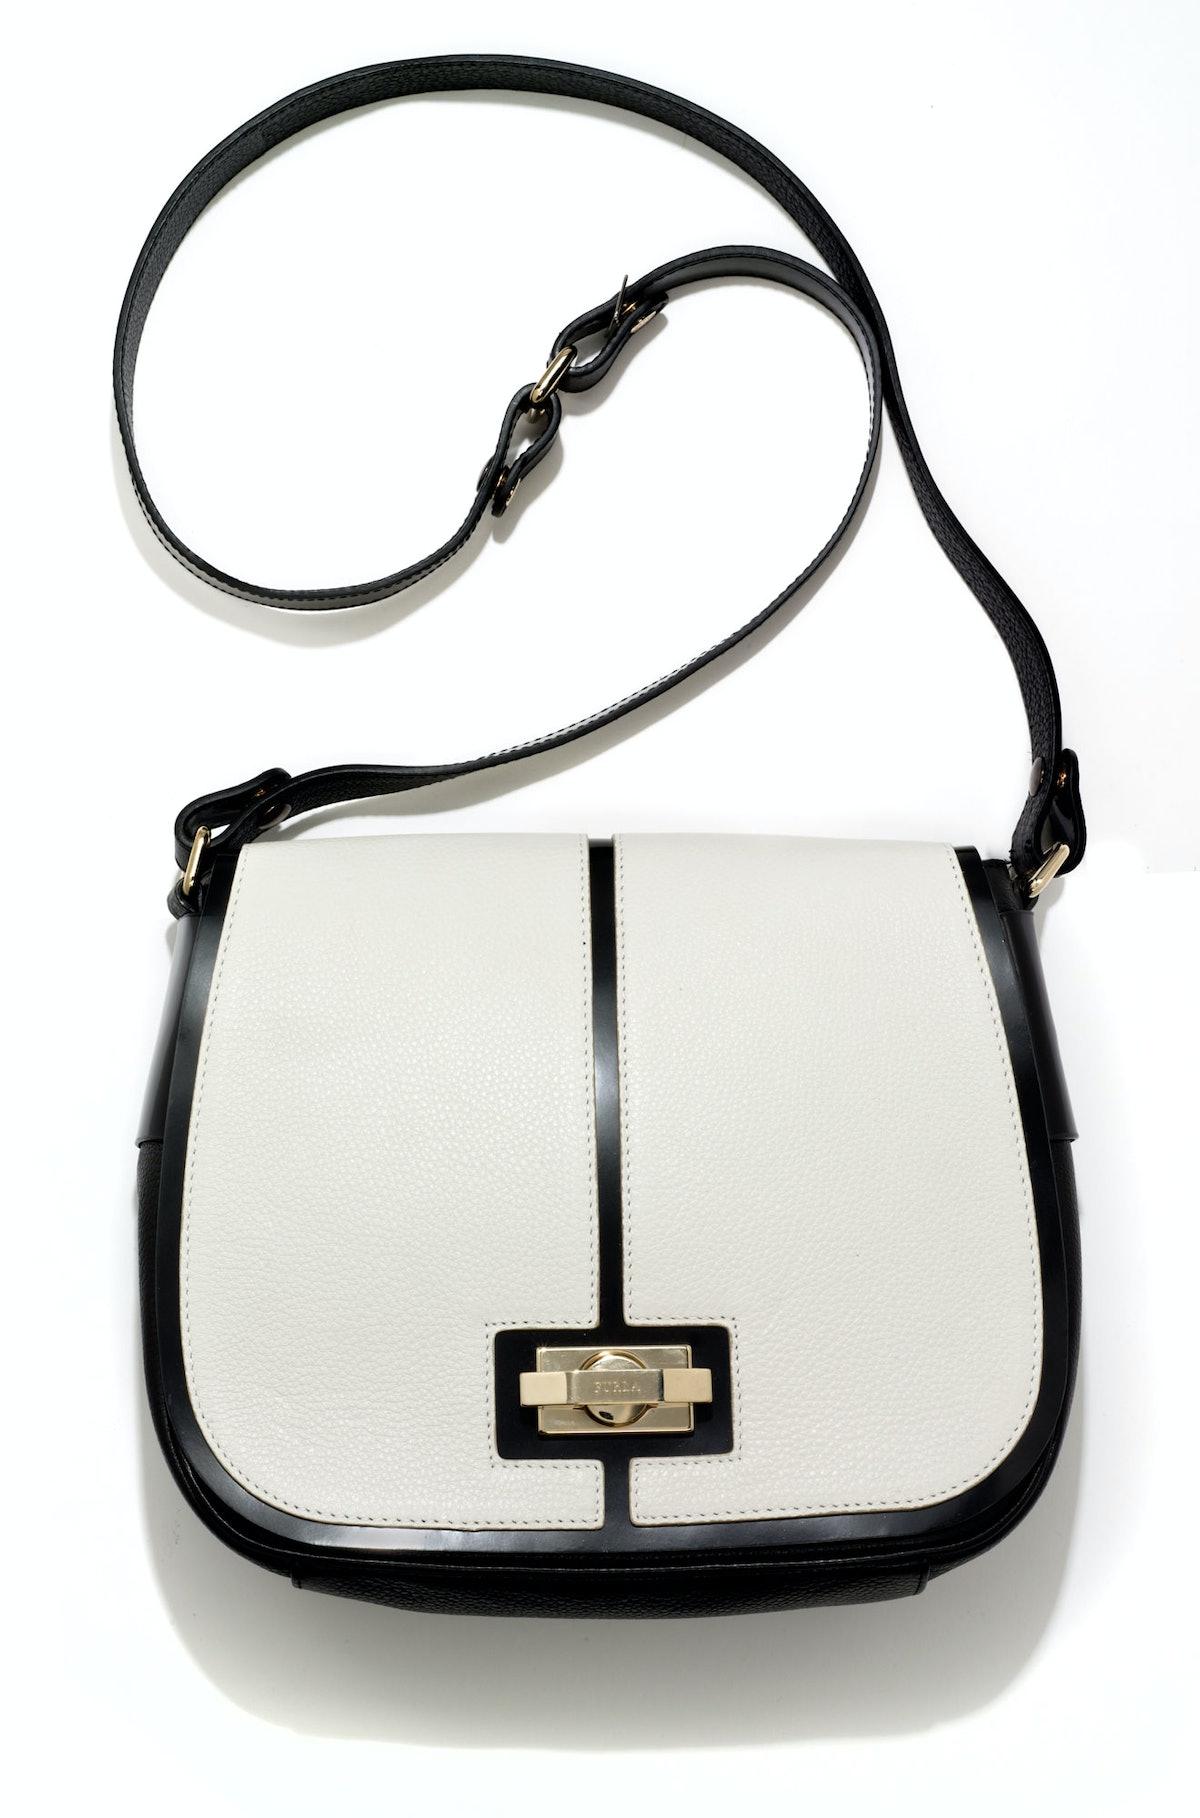 Furla bag, $498, furla.com.